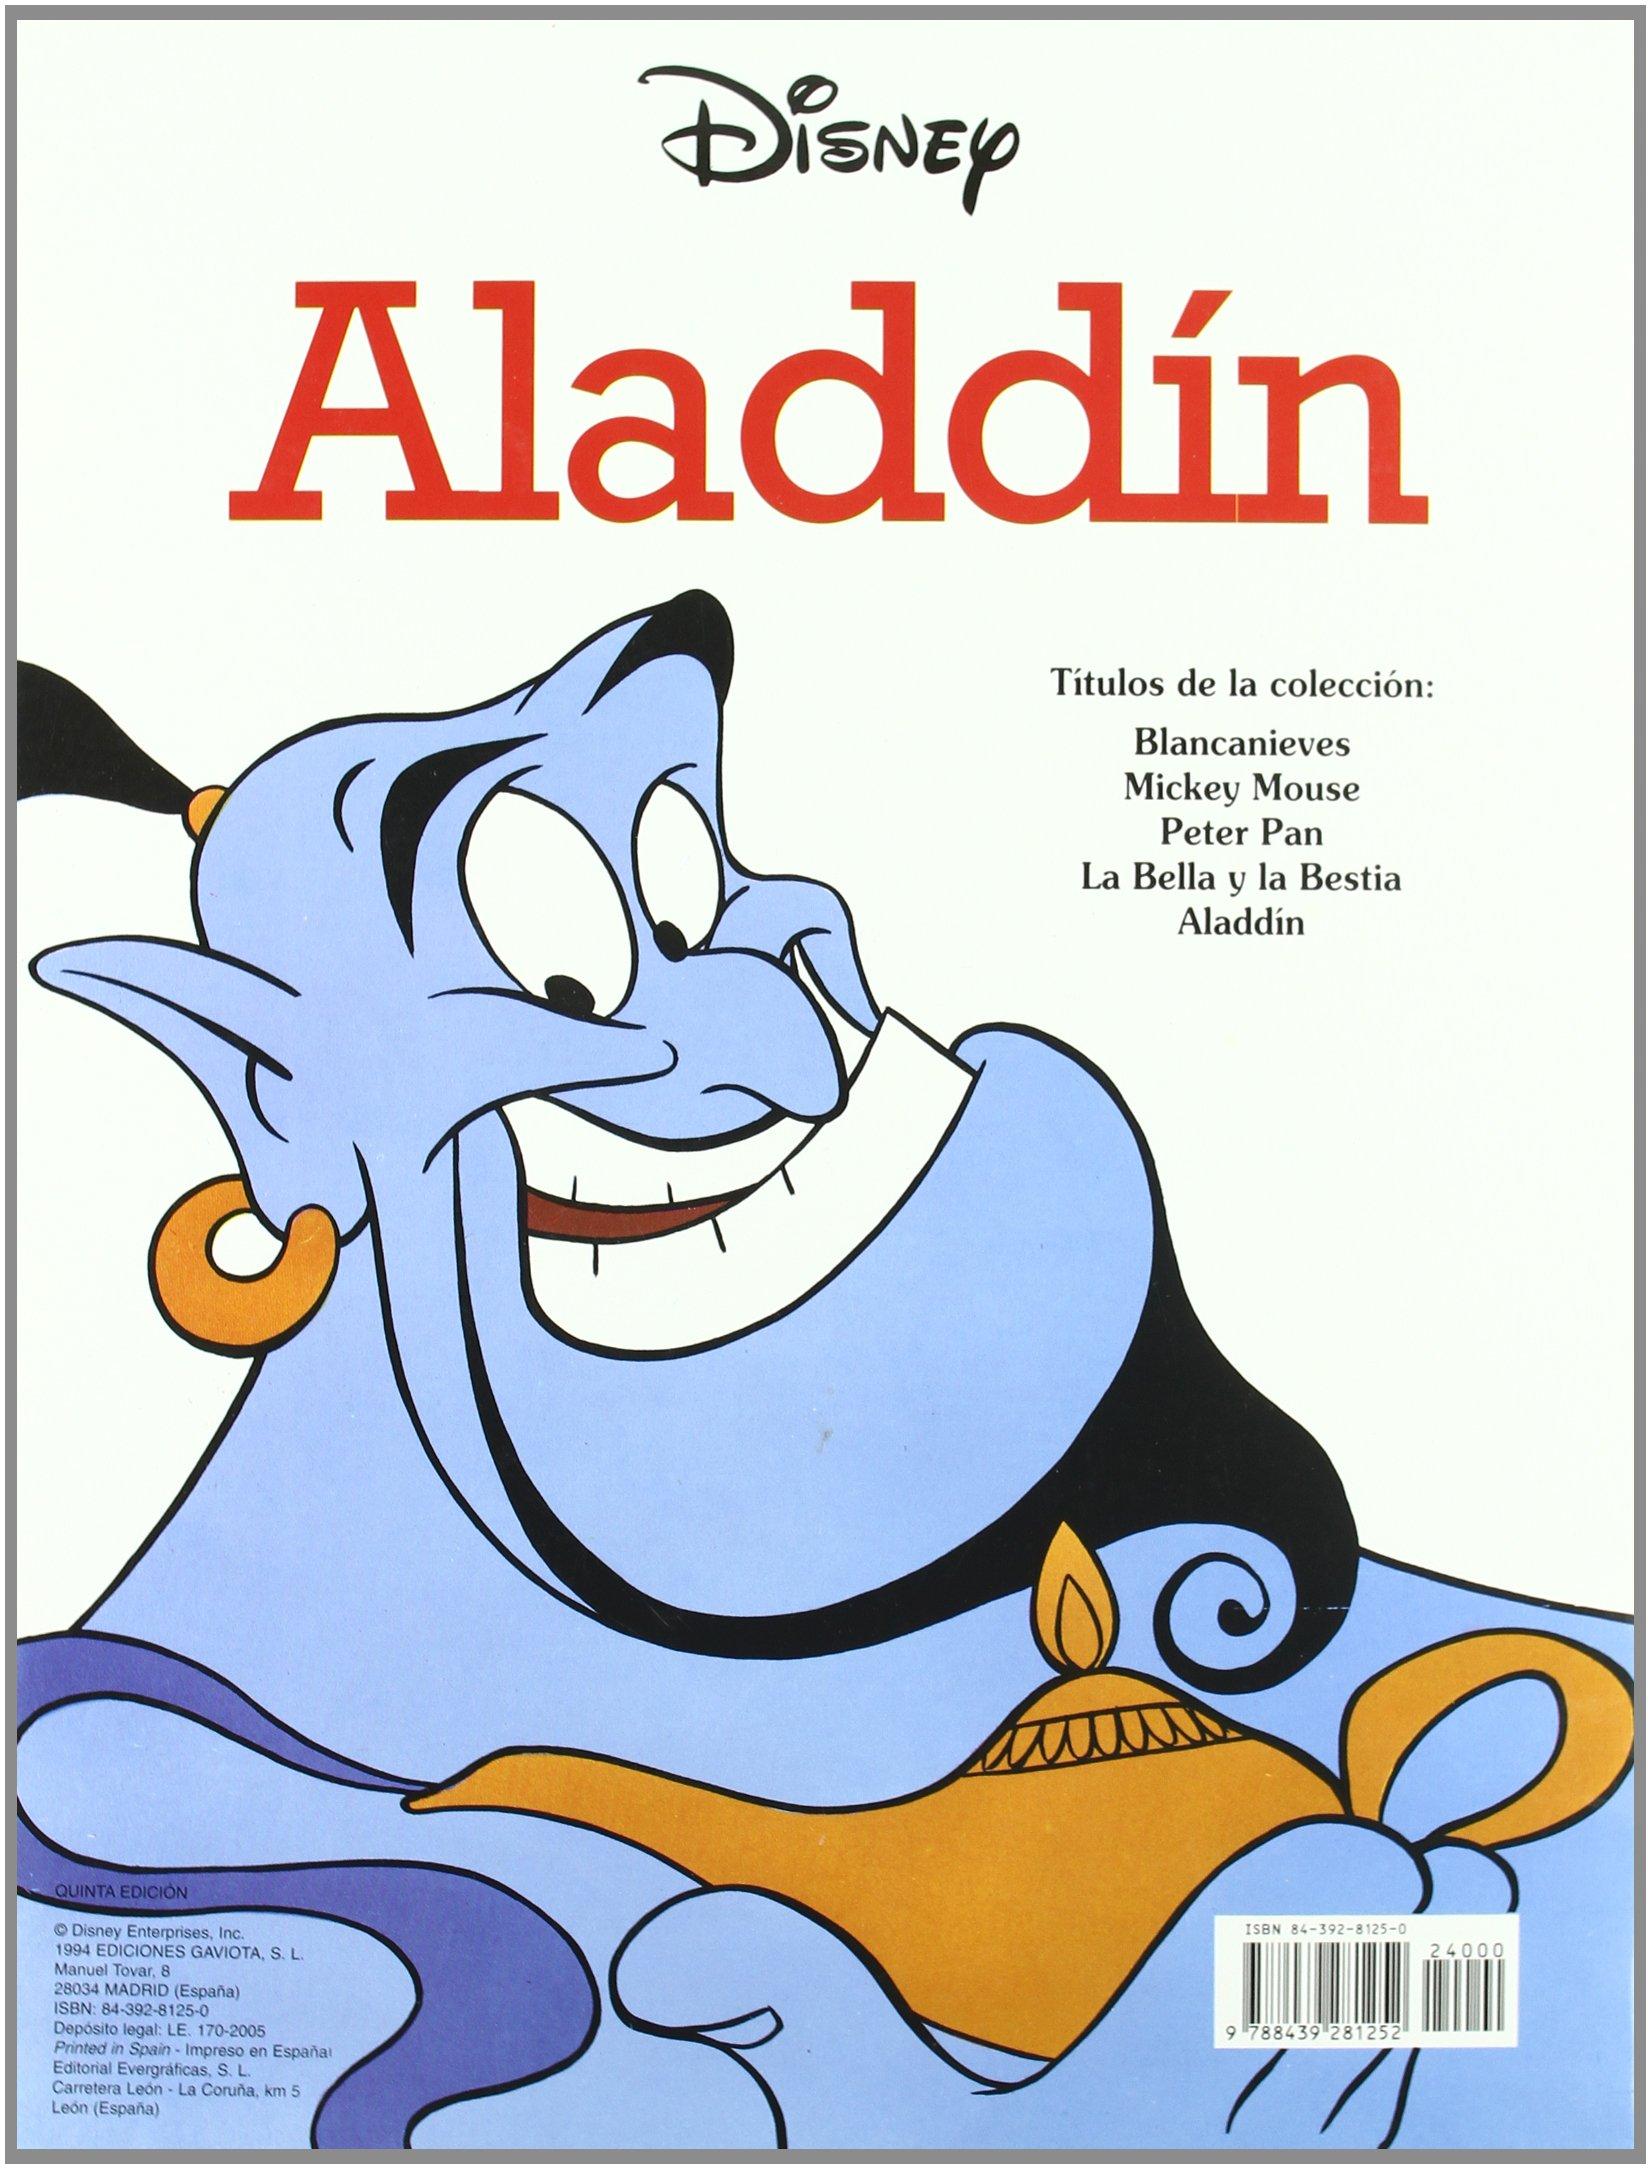 Aladdín (Gran libro de colorear): Amazon.es: Walt Disney Company: Libros